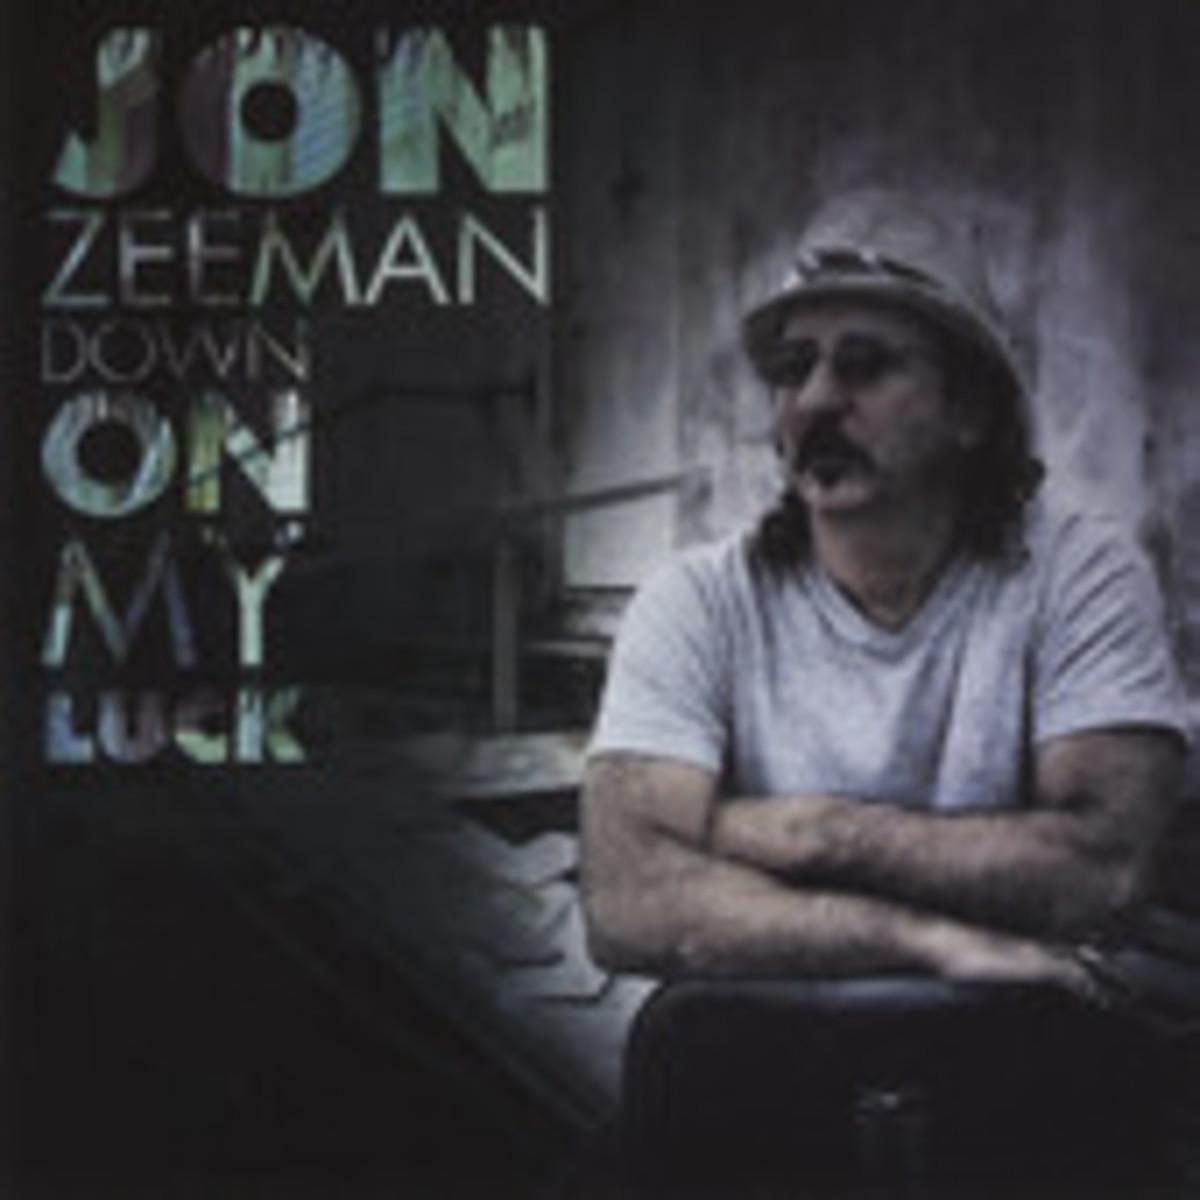 Jon Zeeman_Down On My Luck